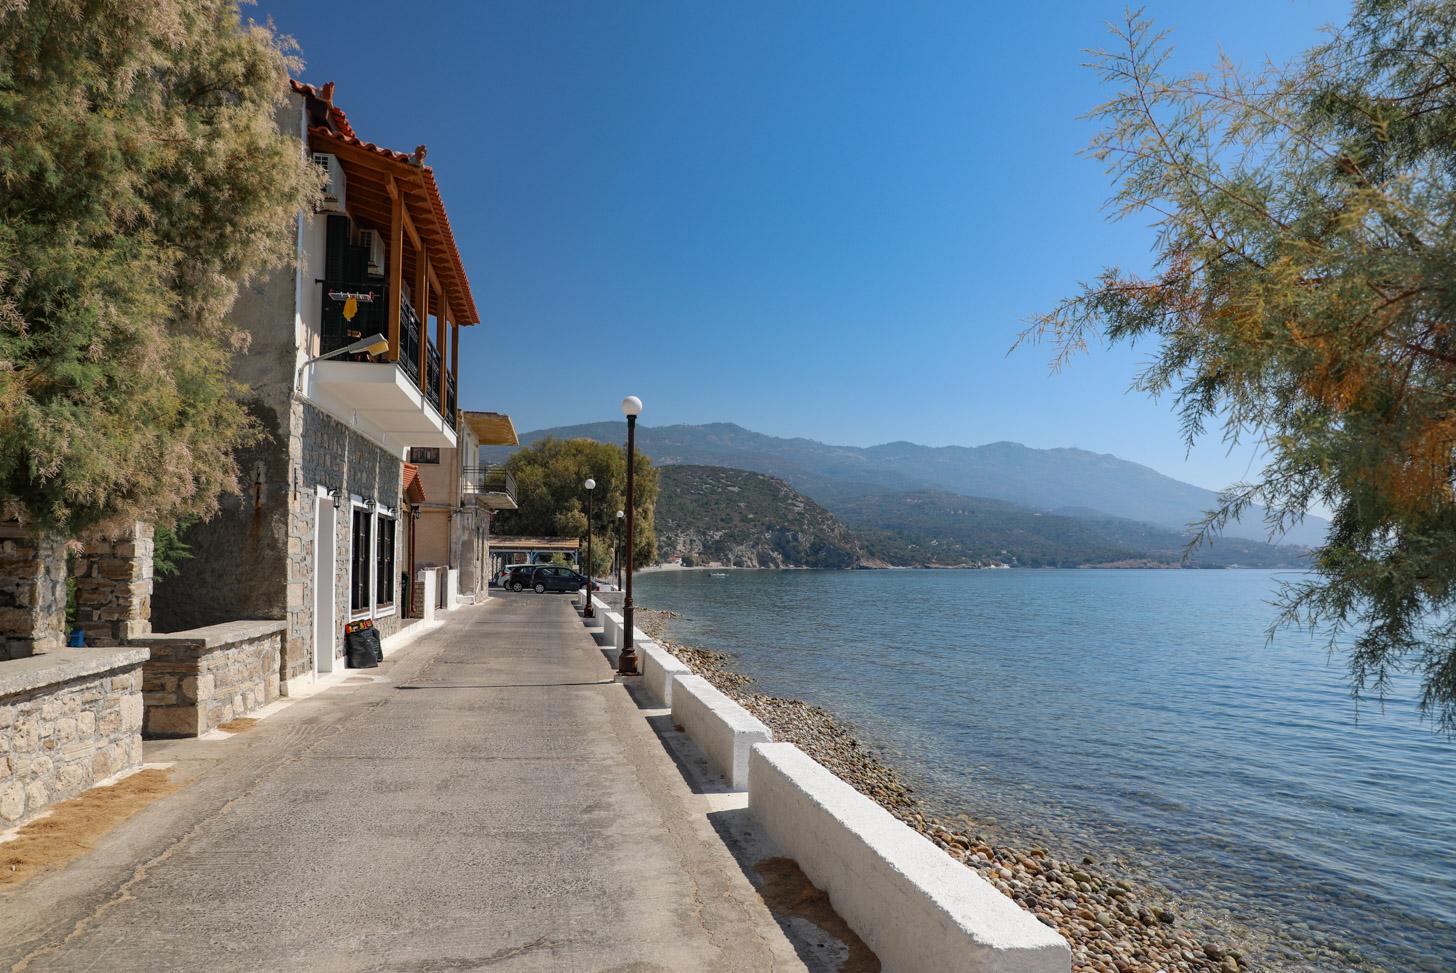 Populaire vakantiebestemmingen in Griekenland